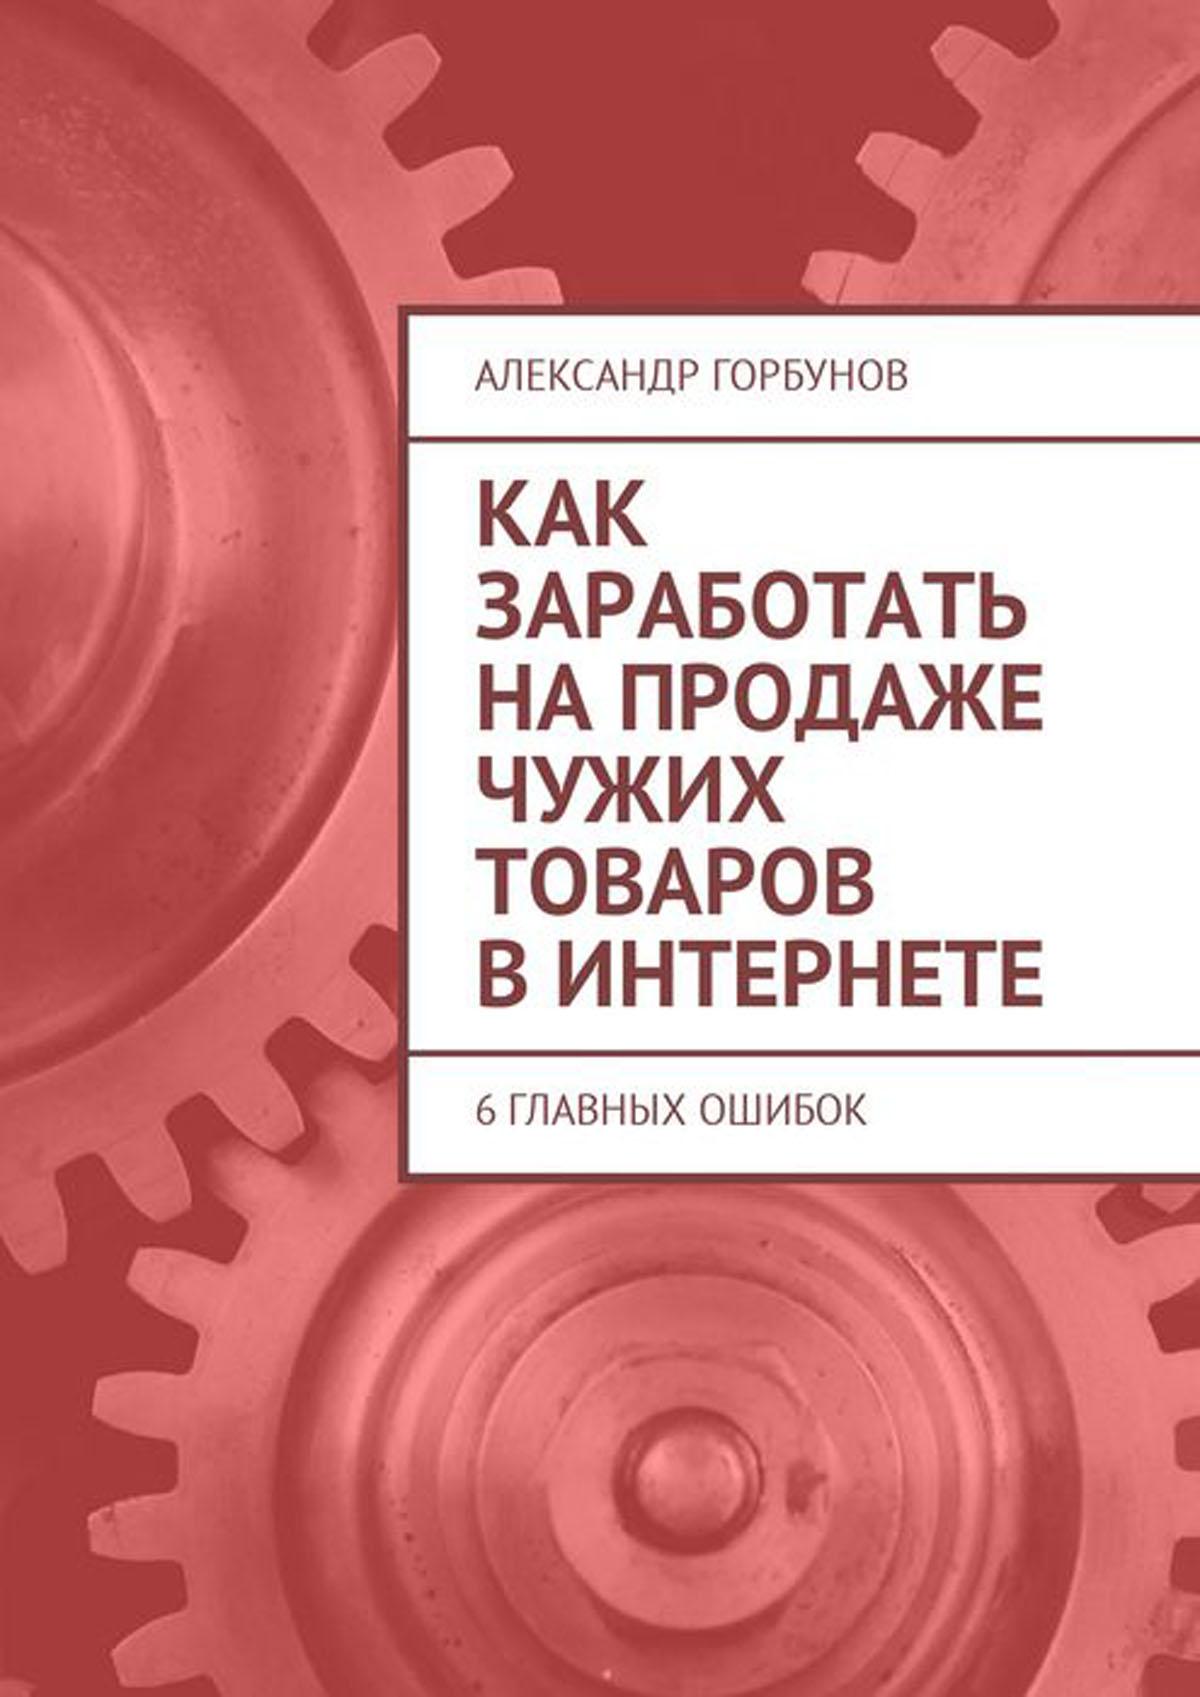 Горбунов Александр Как заработать на продаже чужих товаров в Интернете. 6 главных ошибок